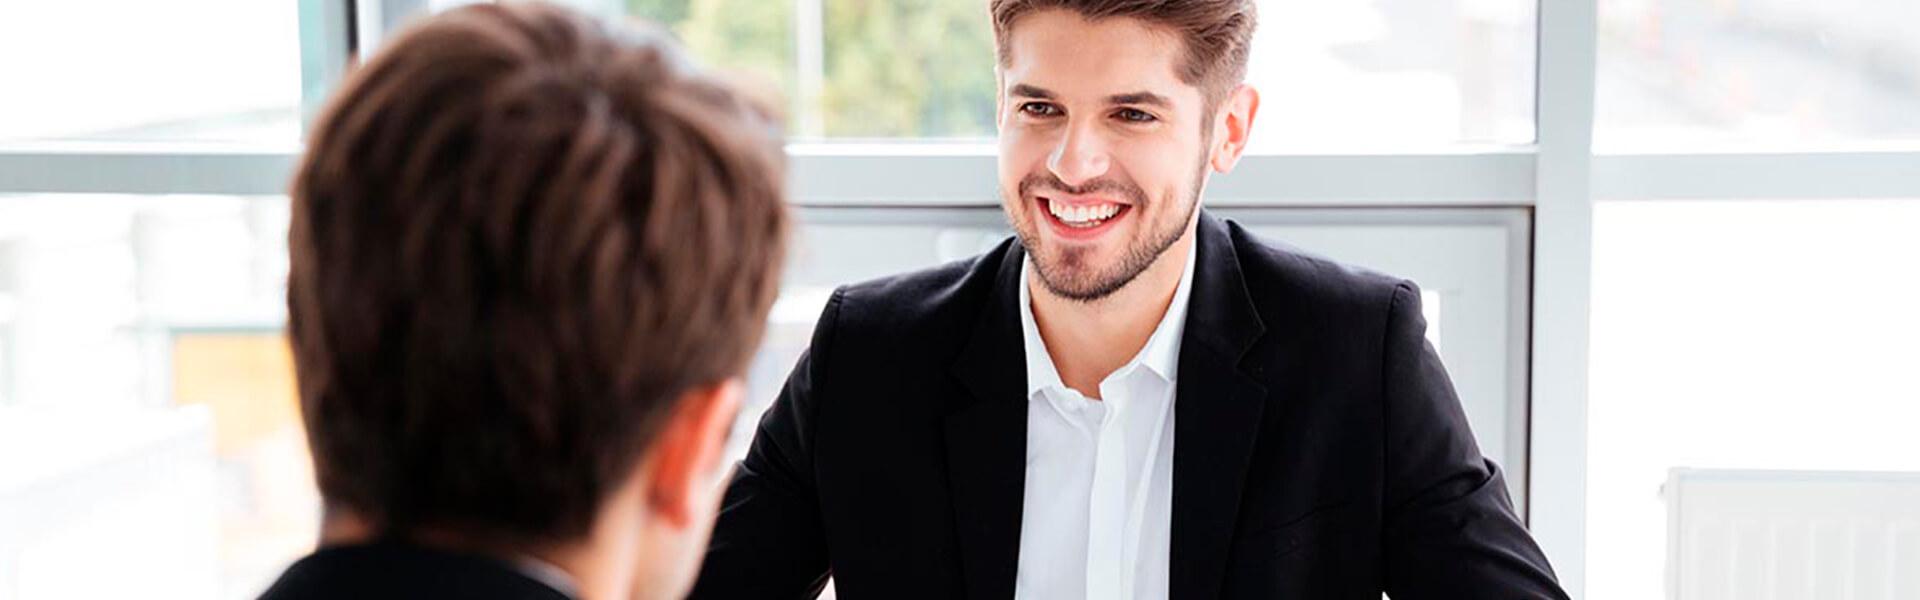 Dois homens de negócios sentados frente a frente numa reunião no escritório sobre fidelização de clientes